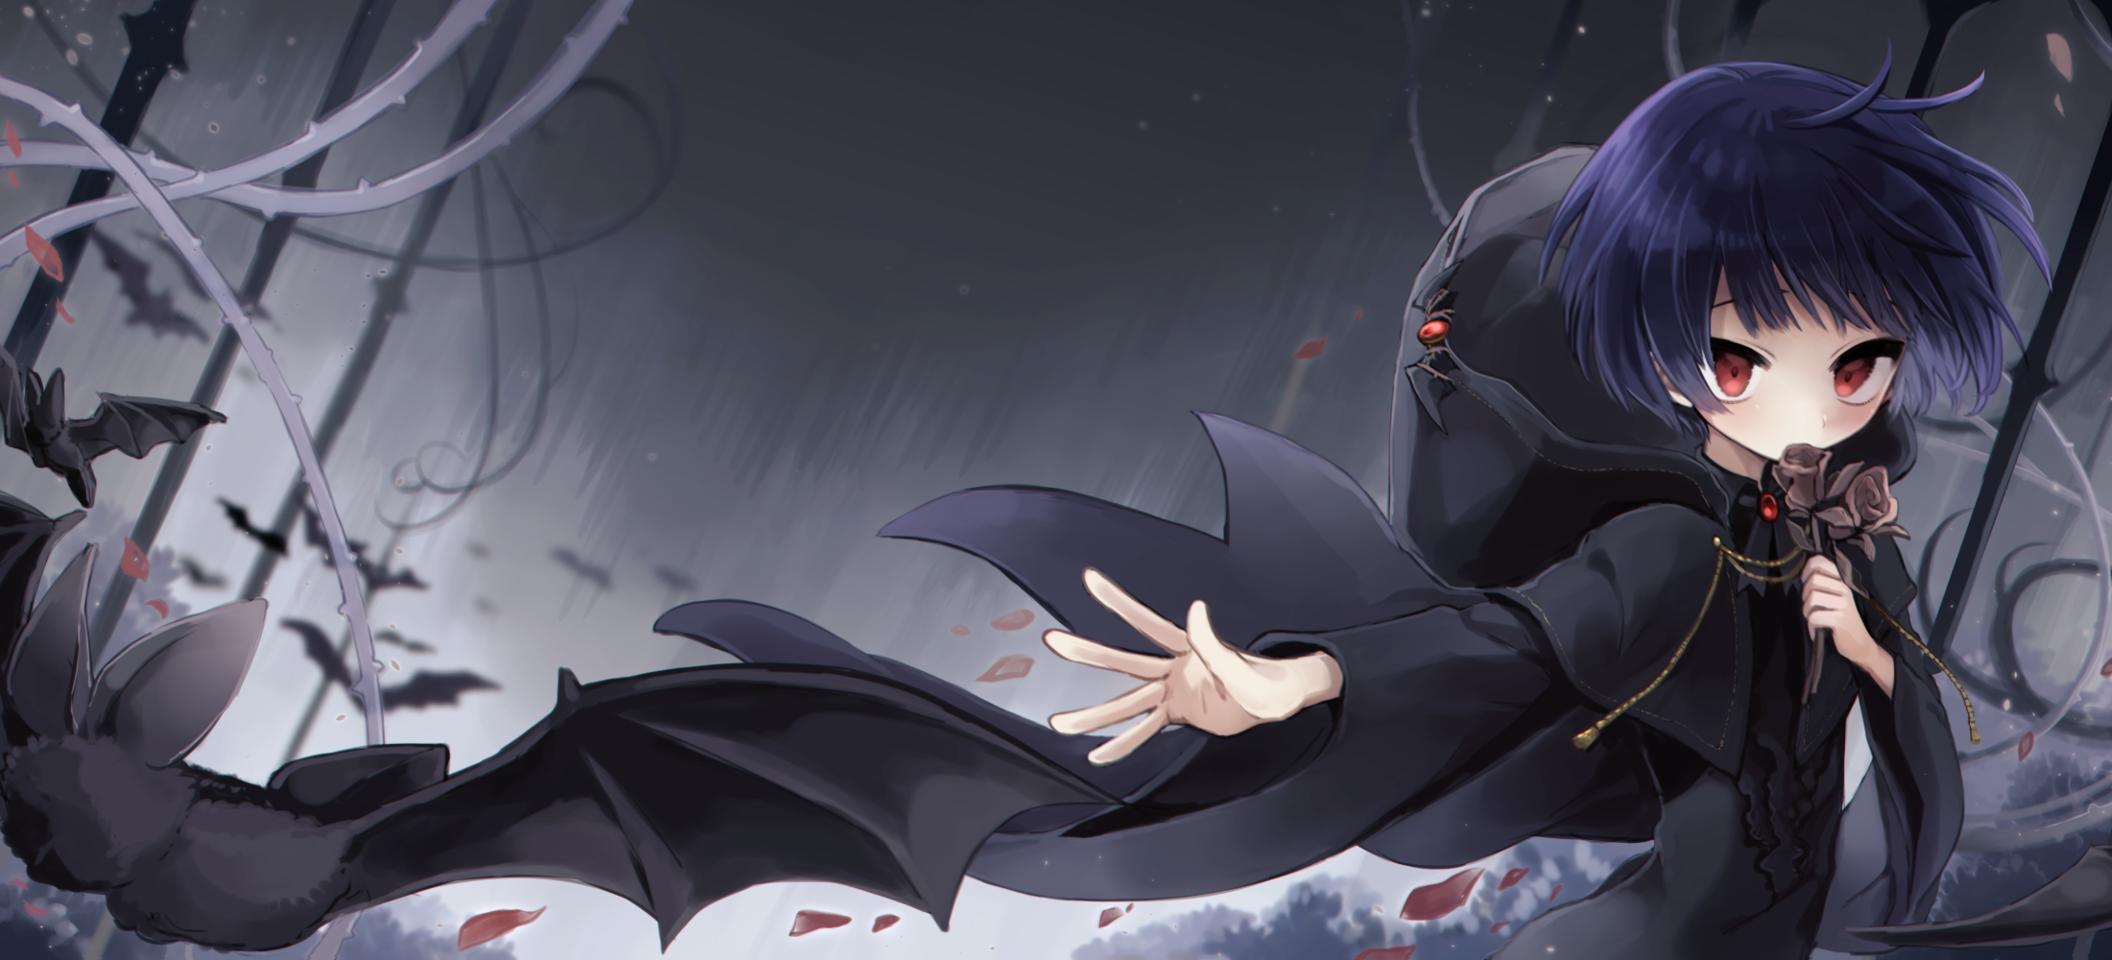 枯薔薇 Illust of 篠谷すみっこ black 仕事絵 gothic rose コウモリ